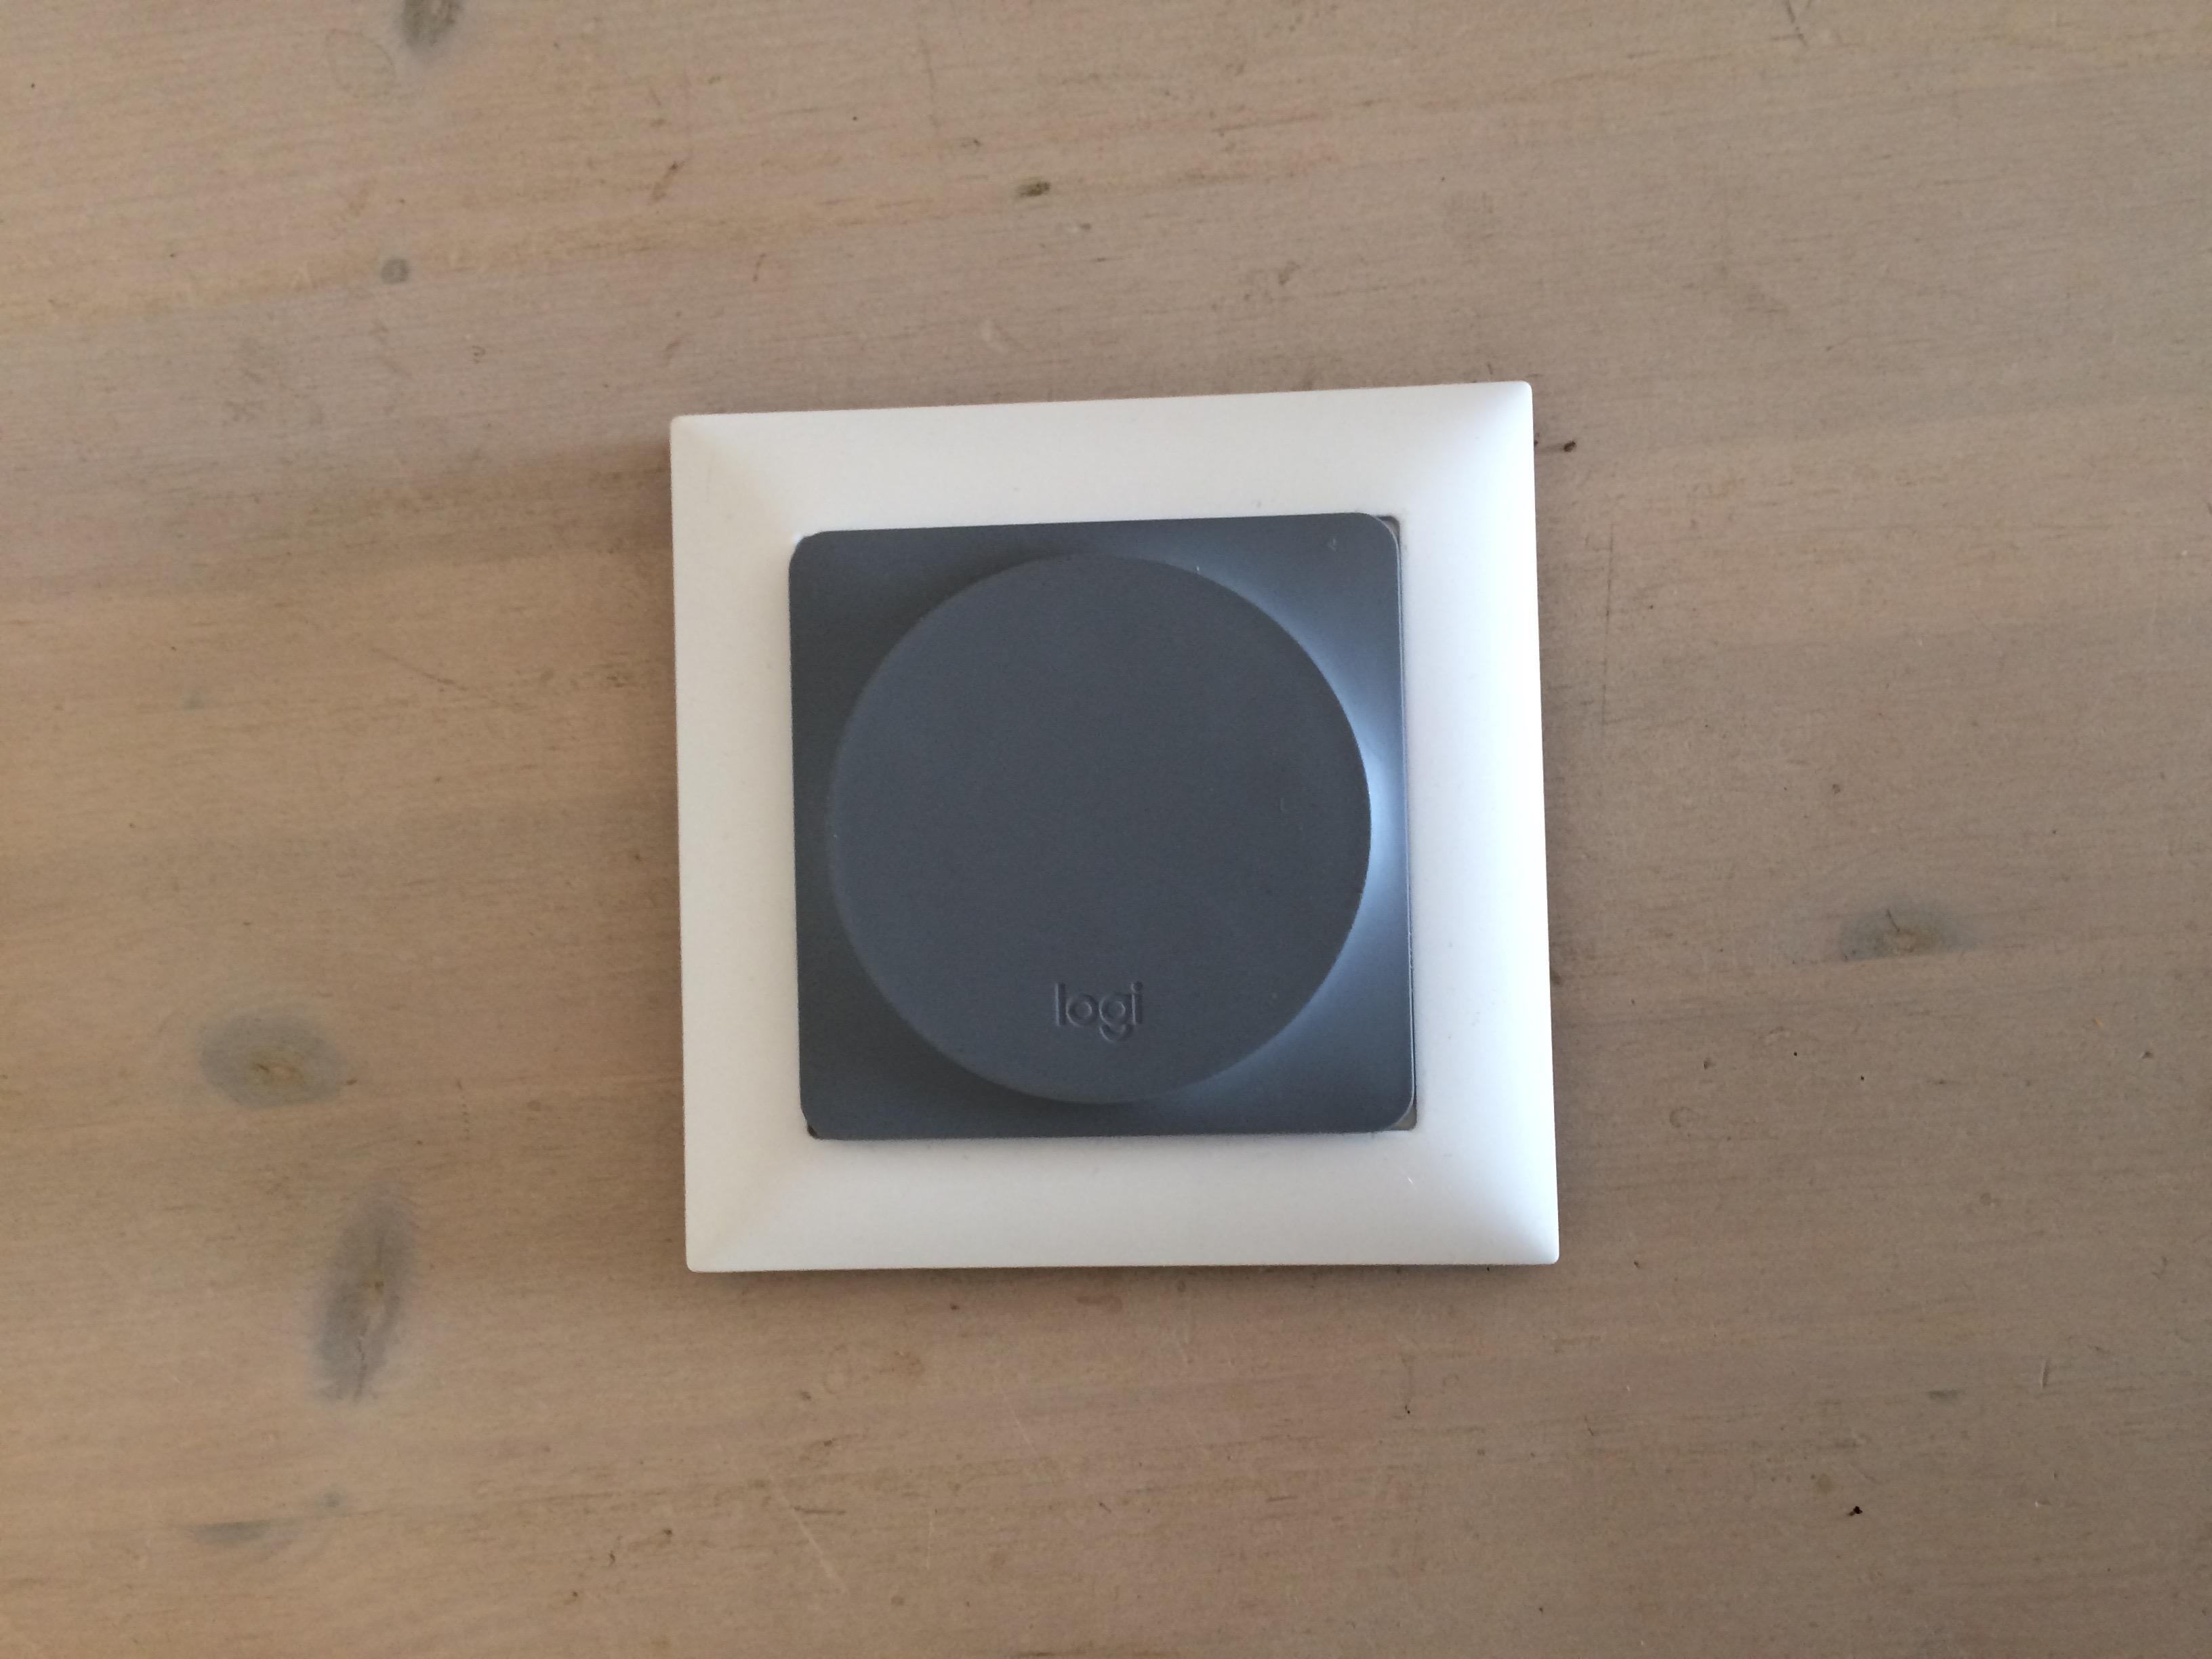 Logitech Pop Schalter Umbau mit Rahmen - Showroom - Apple HomeKit ...